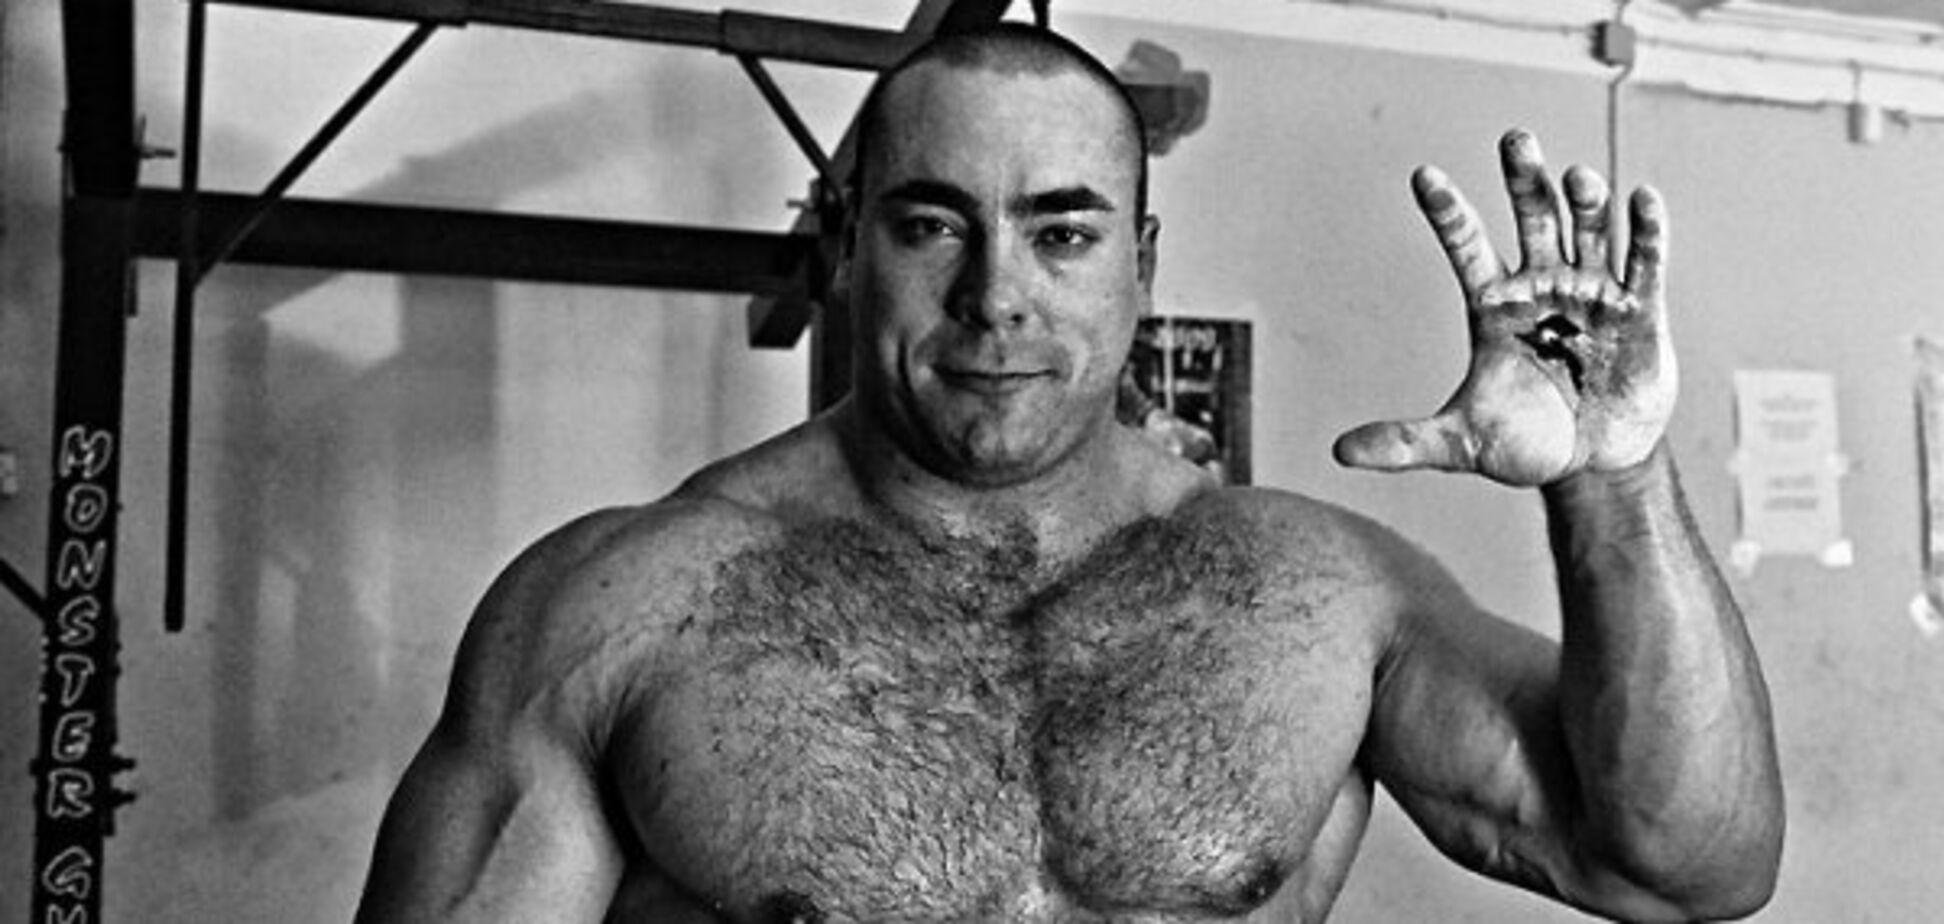 Трагически умер двукратный чемпион мира по пауэрлифтингу